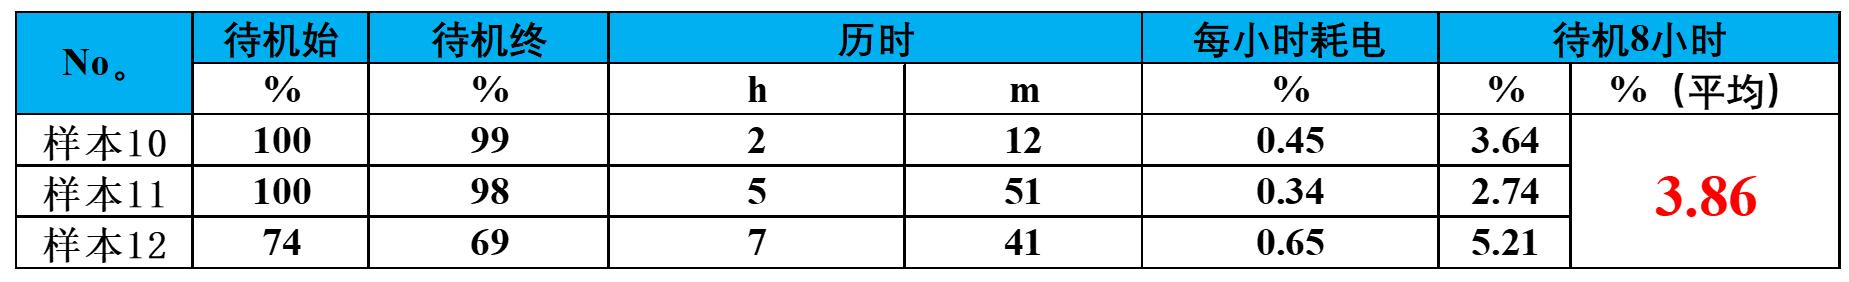 6.第3版待机耗电 未root 表格